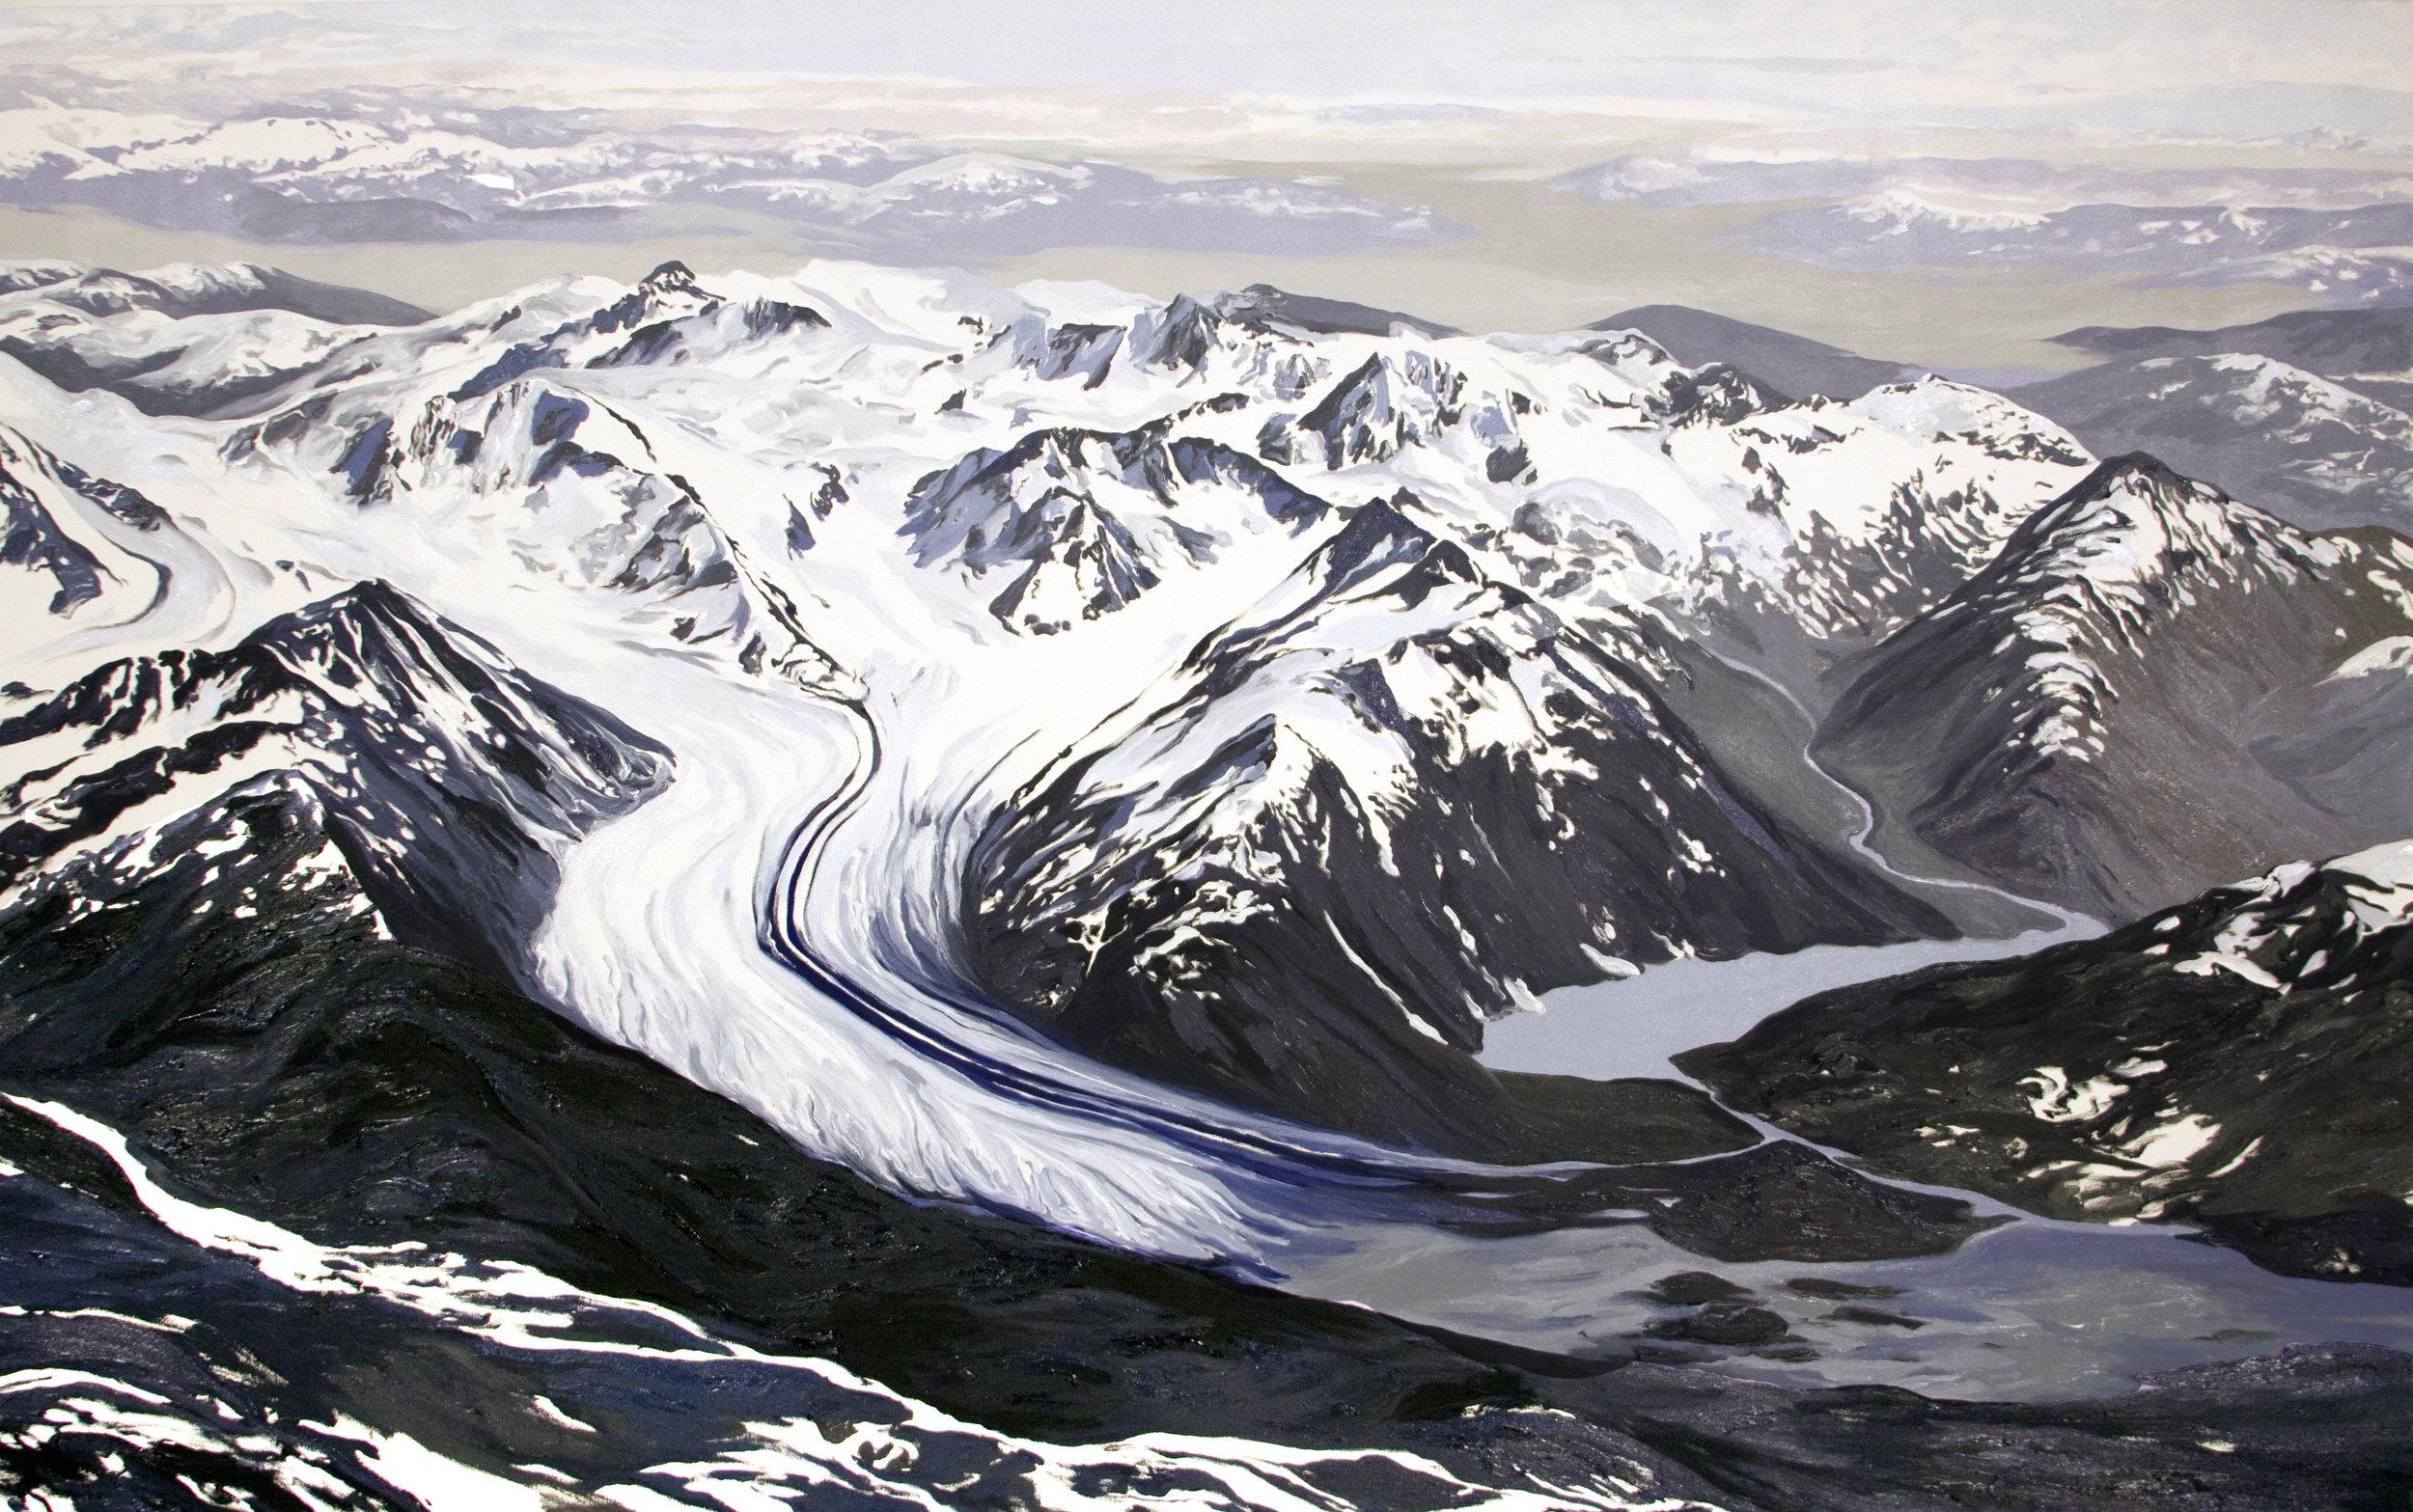 20 Mile Glacier 1938, after Bradford Washburn